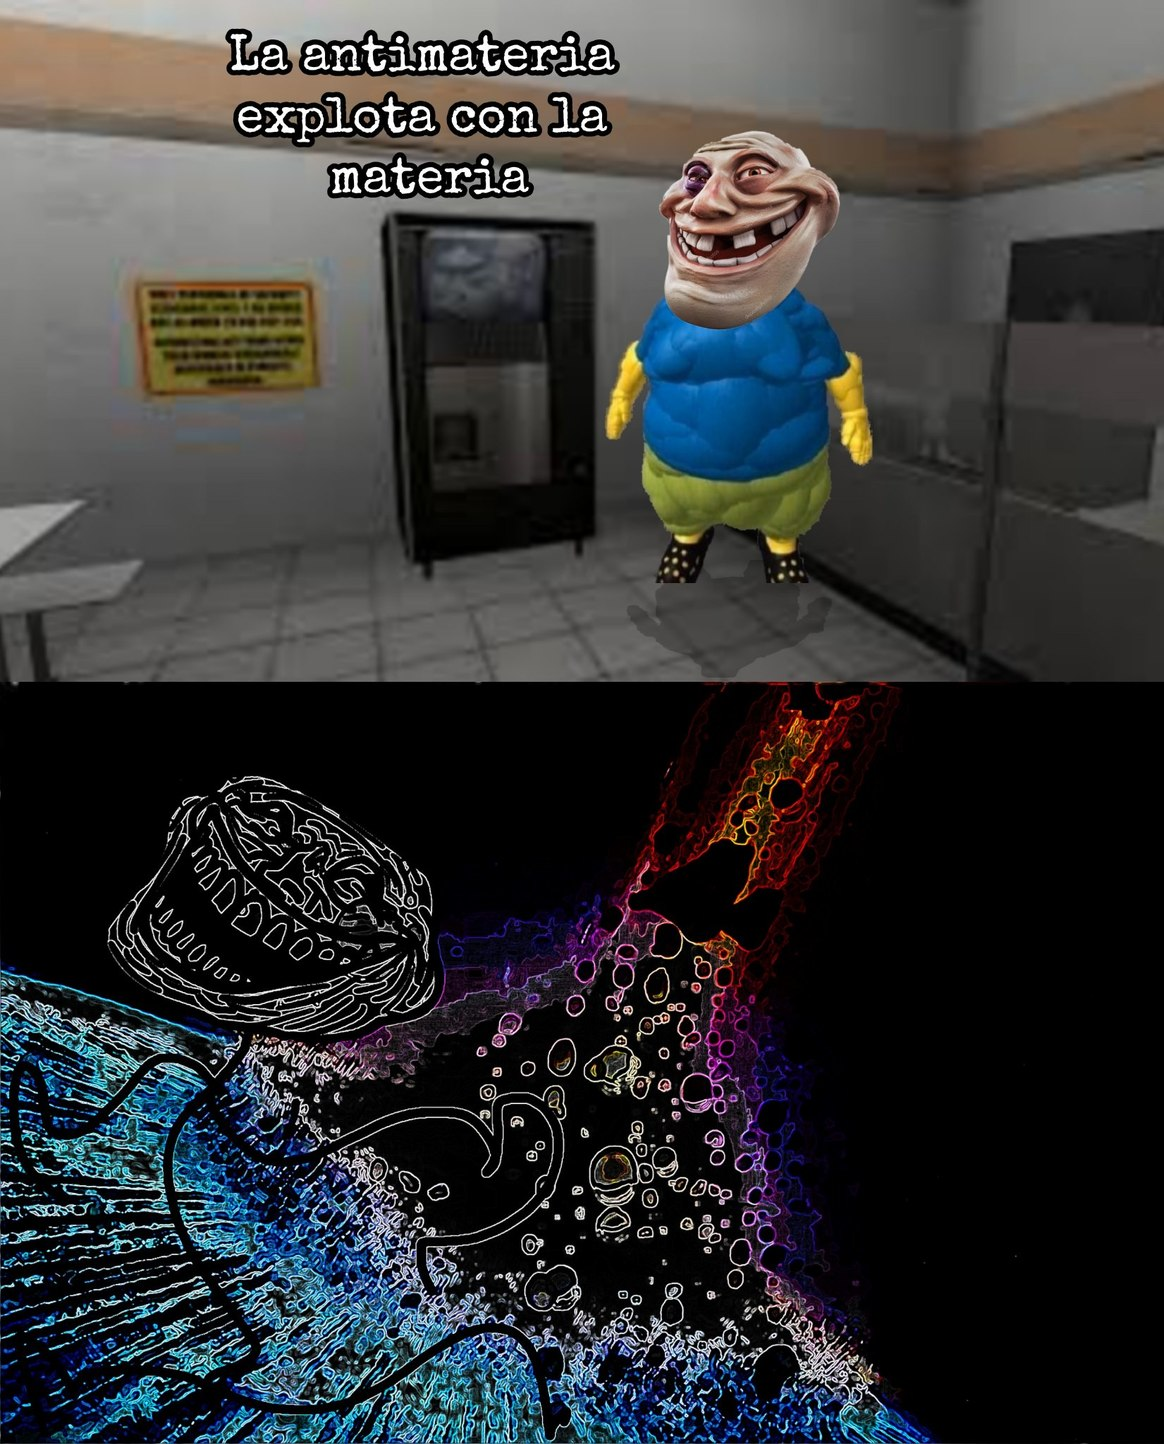 Trollge is coming - meme